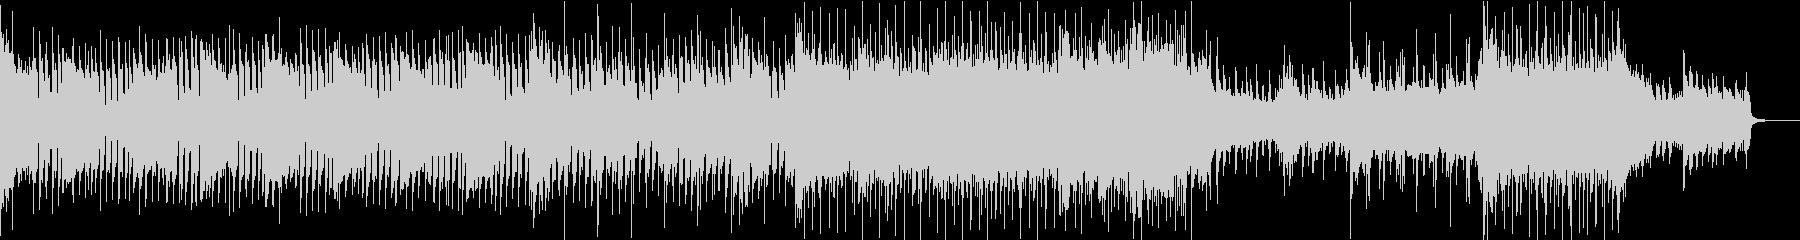 ★切迫した壮大なロックドラムオーケストラの未再生の波形